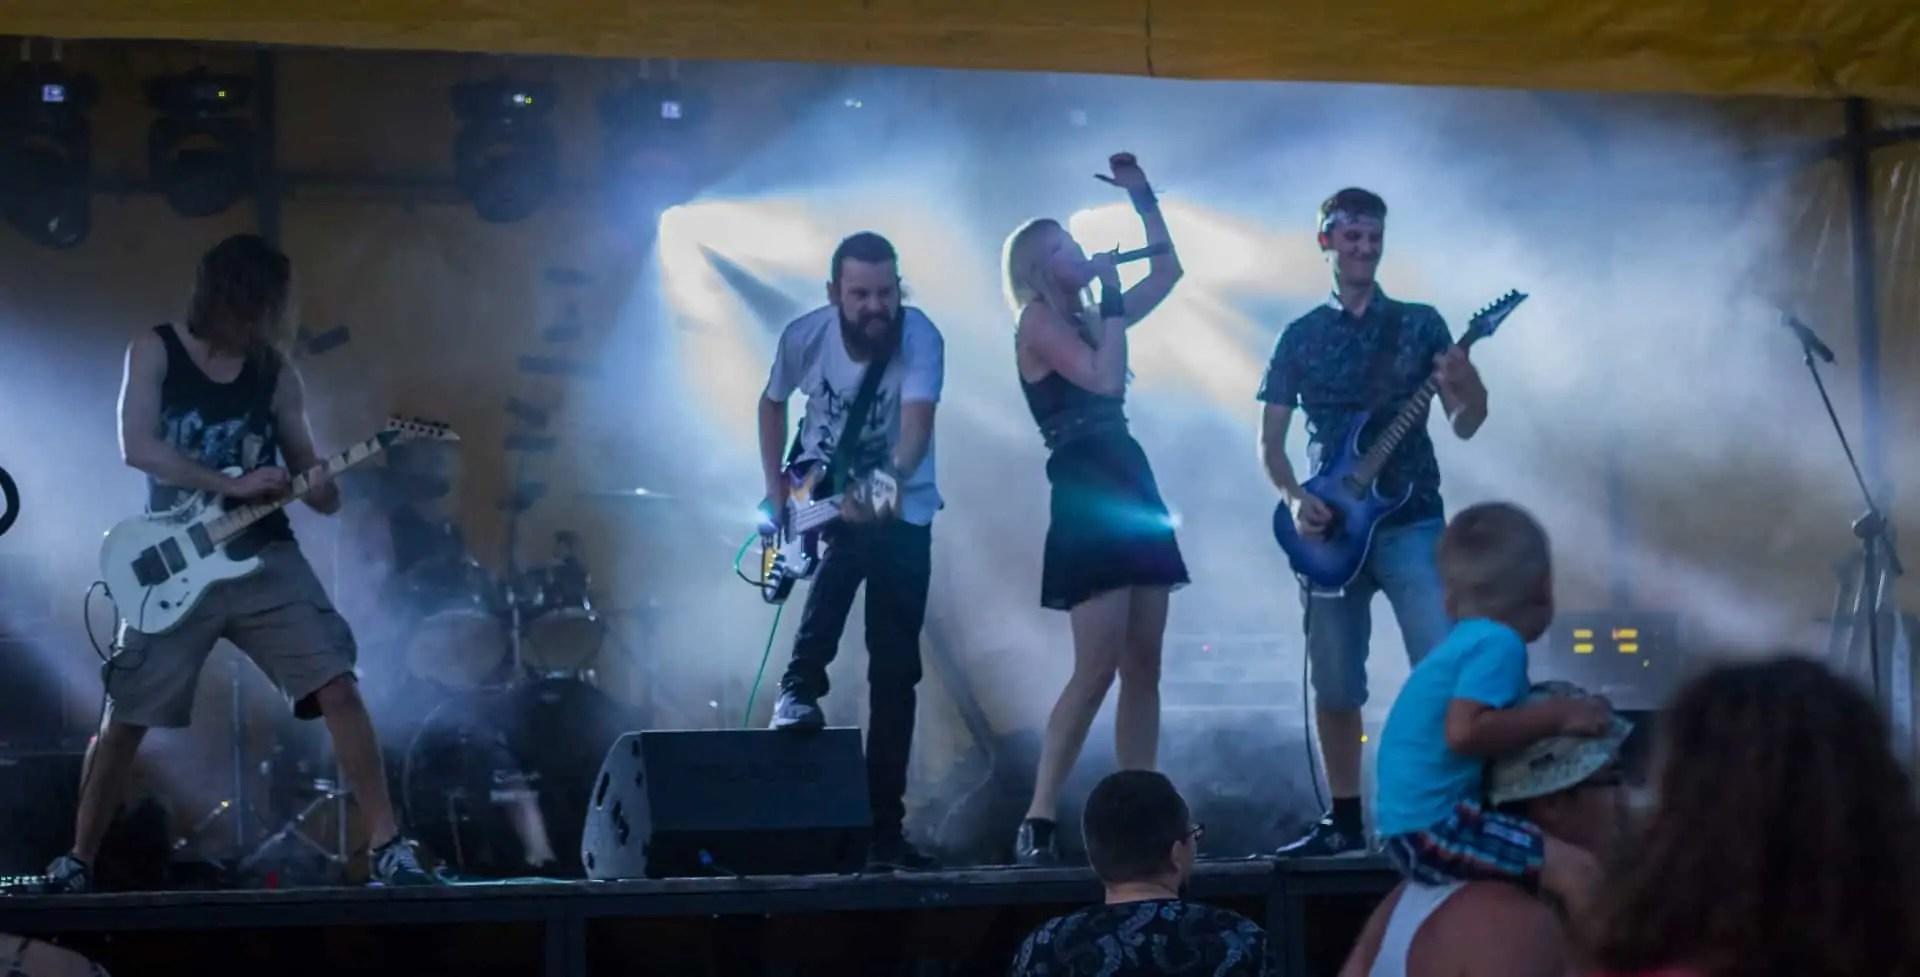 CRUSH koncert Jantar Sierpień 2018 38 of 50 - Reportaż wydarzeń, koncerty